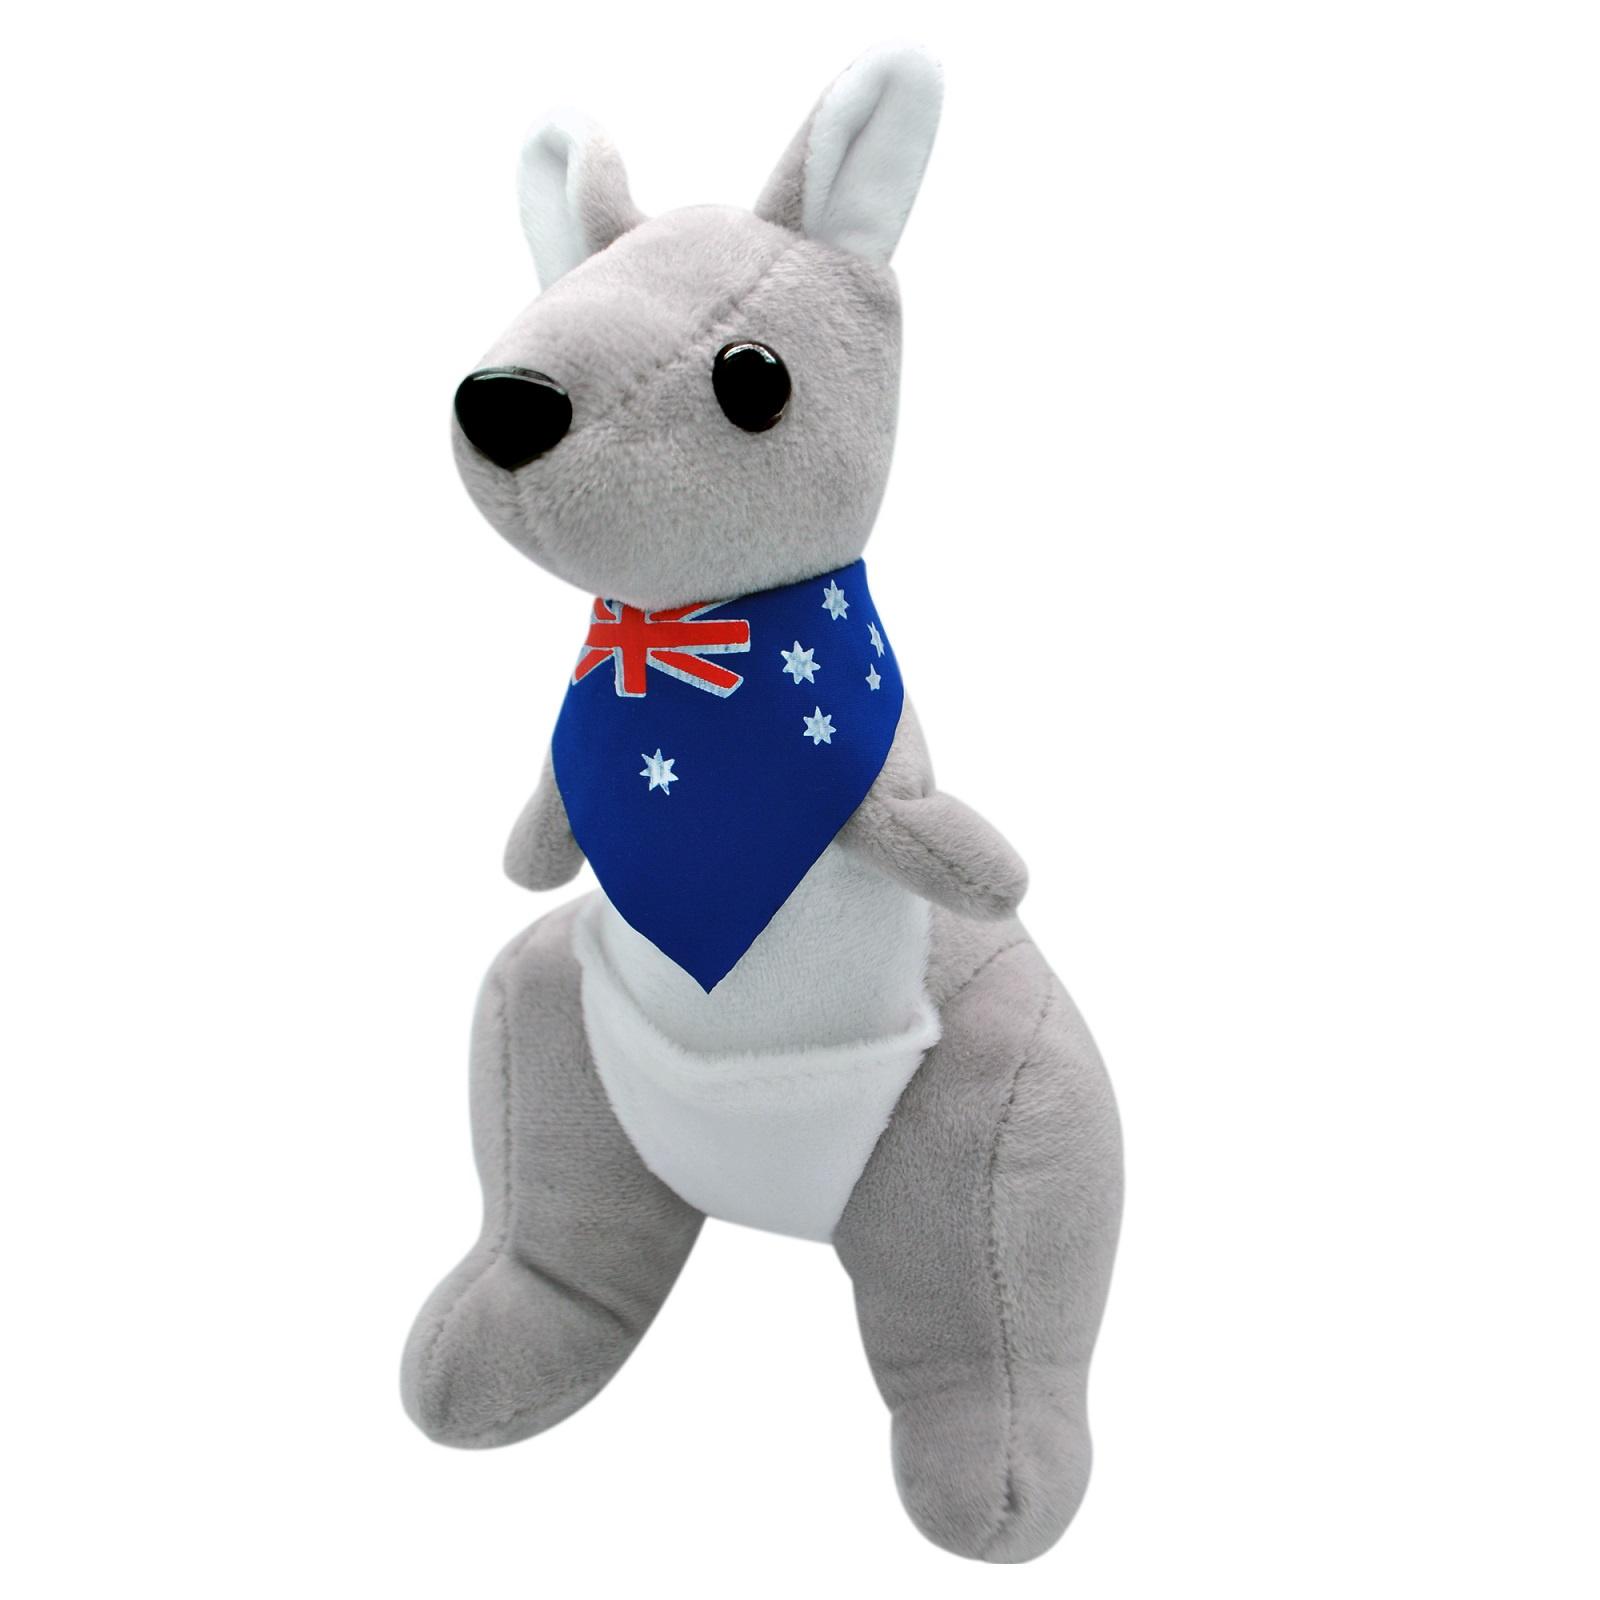 Мягкая игрушка АБВГДЕЙКА Кенгурёнок серый, 20 см, игрушка мягкая, KG00042